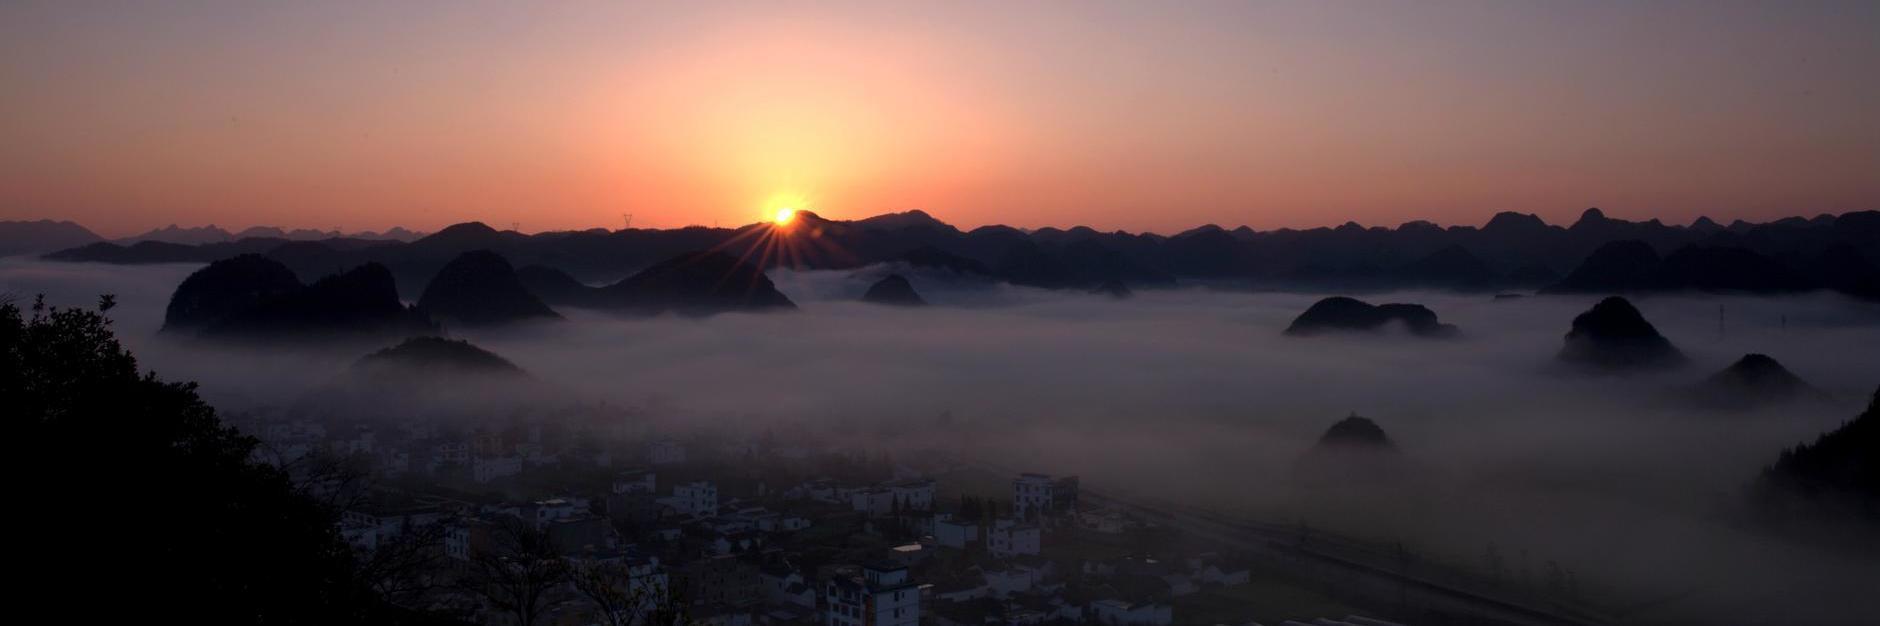 来到壮丽的七彩云南,被大自然的奇观与哈尼族人的精神所感动